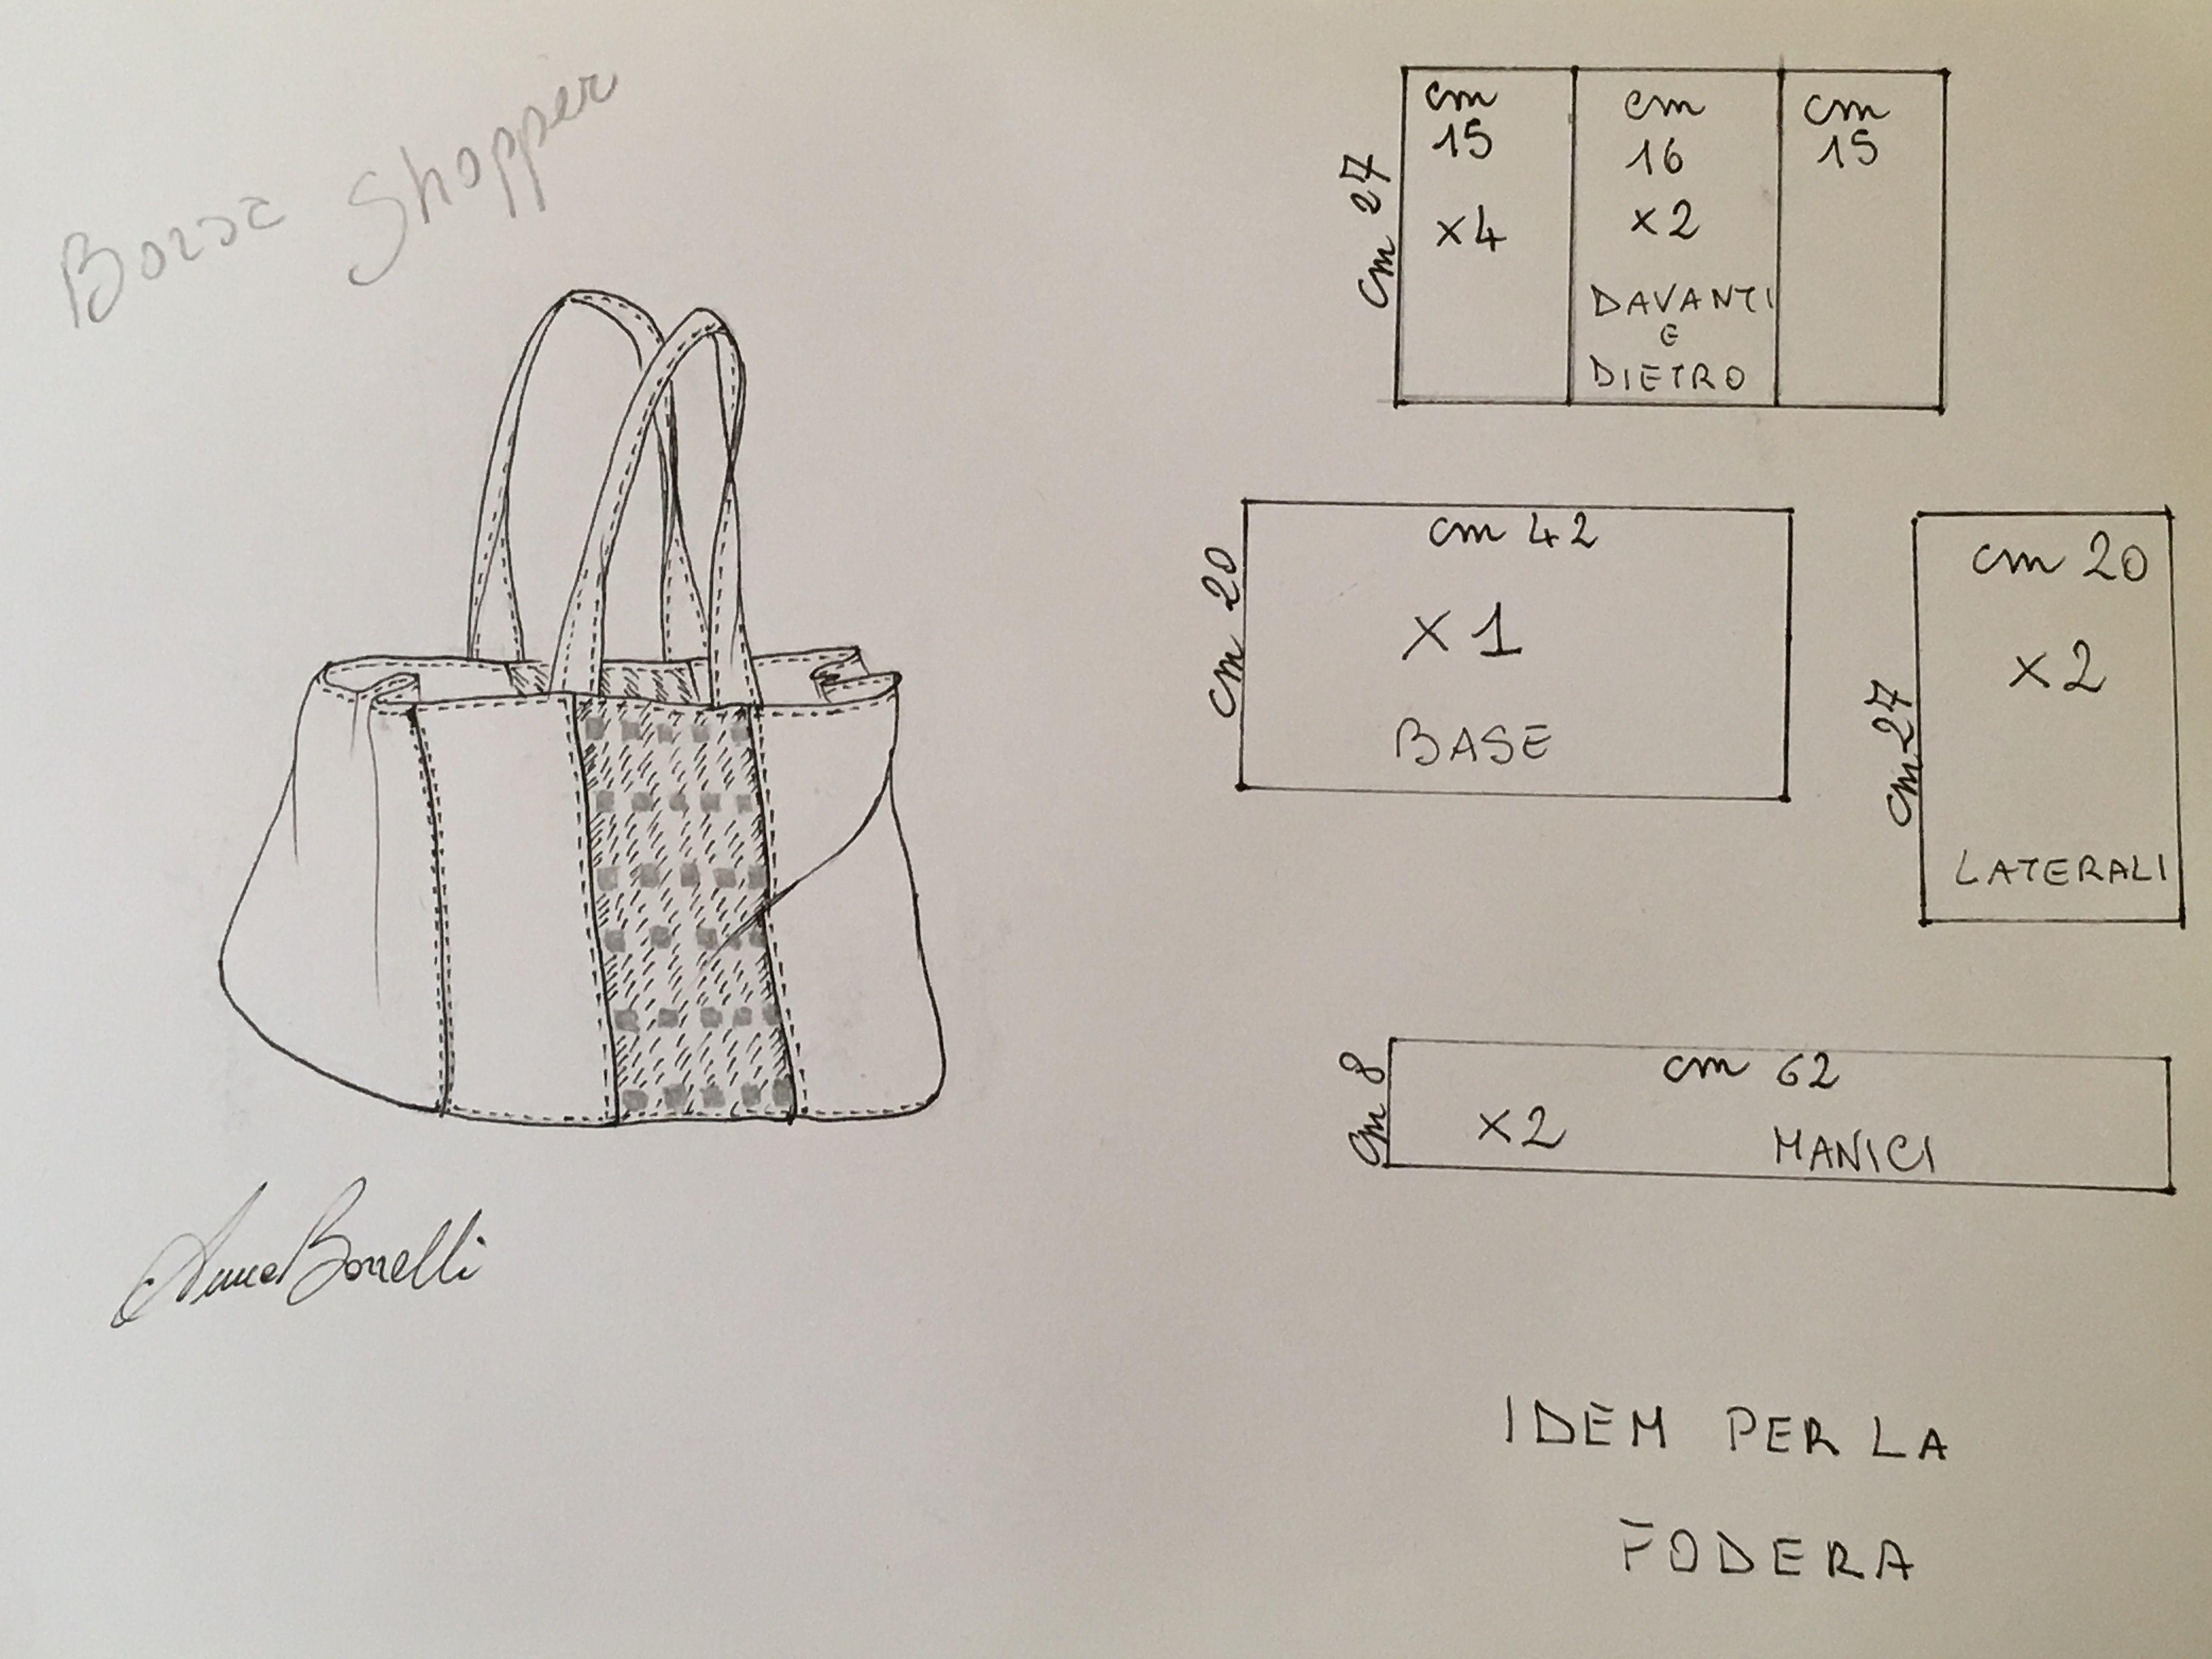 c3027ca070 Come realizzare la borsa shopper - Anna Borrelli | sac couture | Bag ...